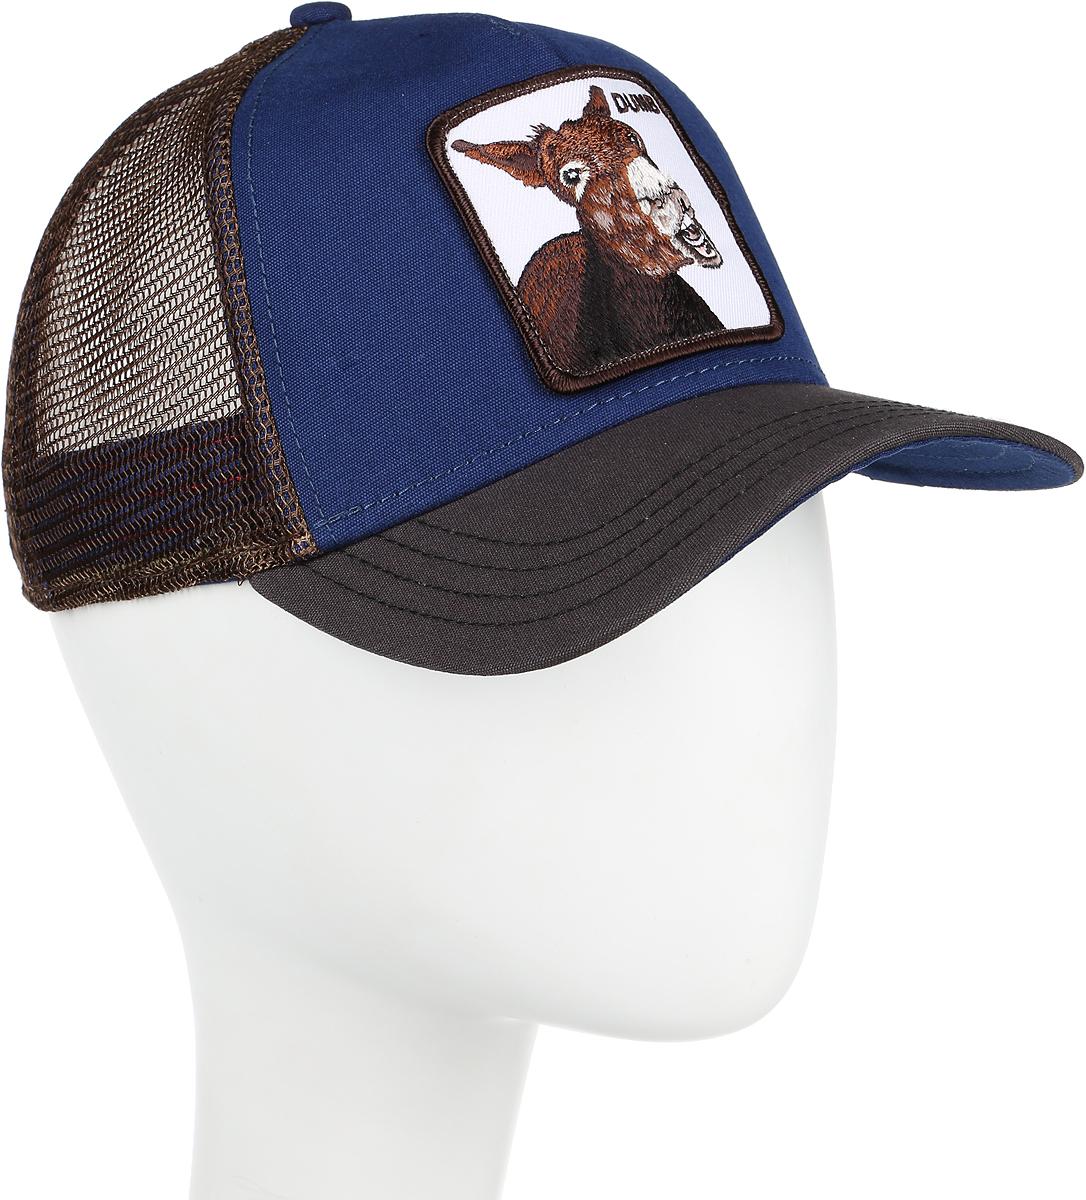 Бейсболка Goorin Brothers DUMB ASS, цвет: синий, коричневый. 91-188-06-00. Размер универсальный91-188-06-00Стильная бейсболка Goorin Brothers, выполненная из полиэстера и хлопка, идеально подойдет для прогулок, занятия спортом и отдыха. Она надежно защитит вас от солнца и ветра. Задняя часть имеет сетчатую вставку для вентиляции воздуха. Изделие оформлено нашивкой с изображением осла и надписью DUMB. Обхват регулируется с помощью пластикового ремешка.